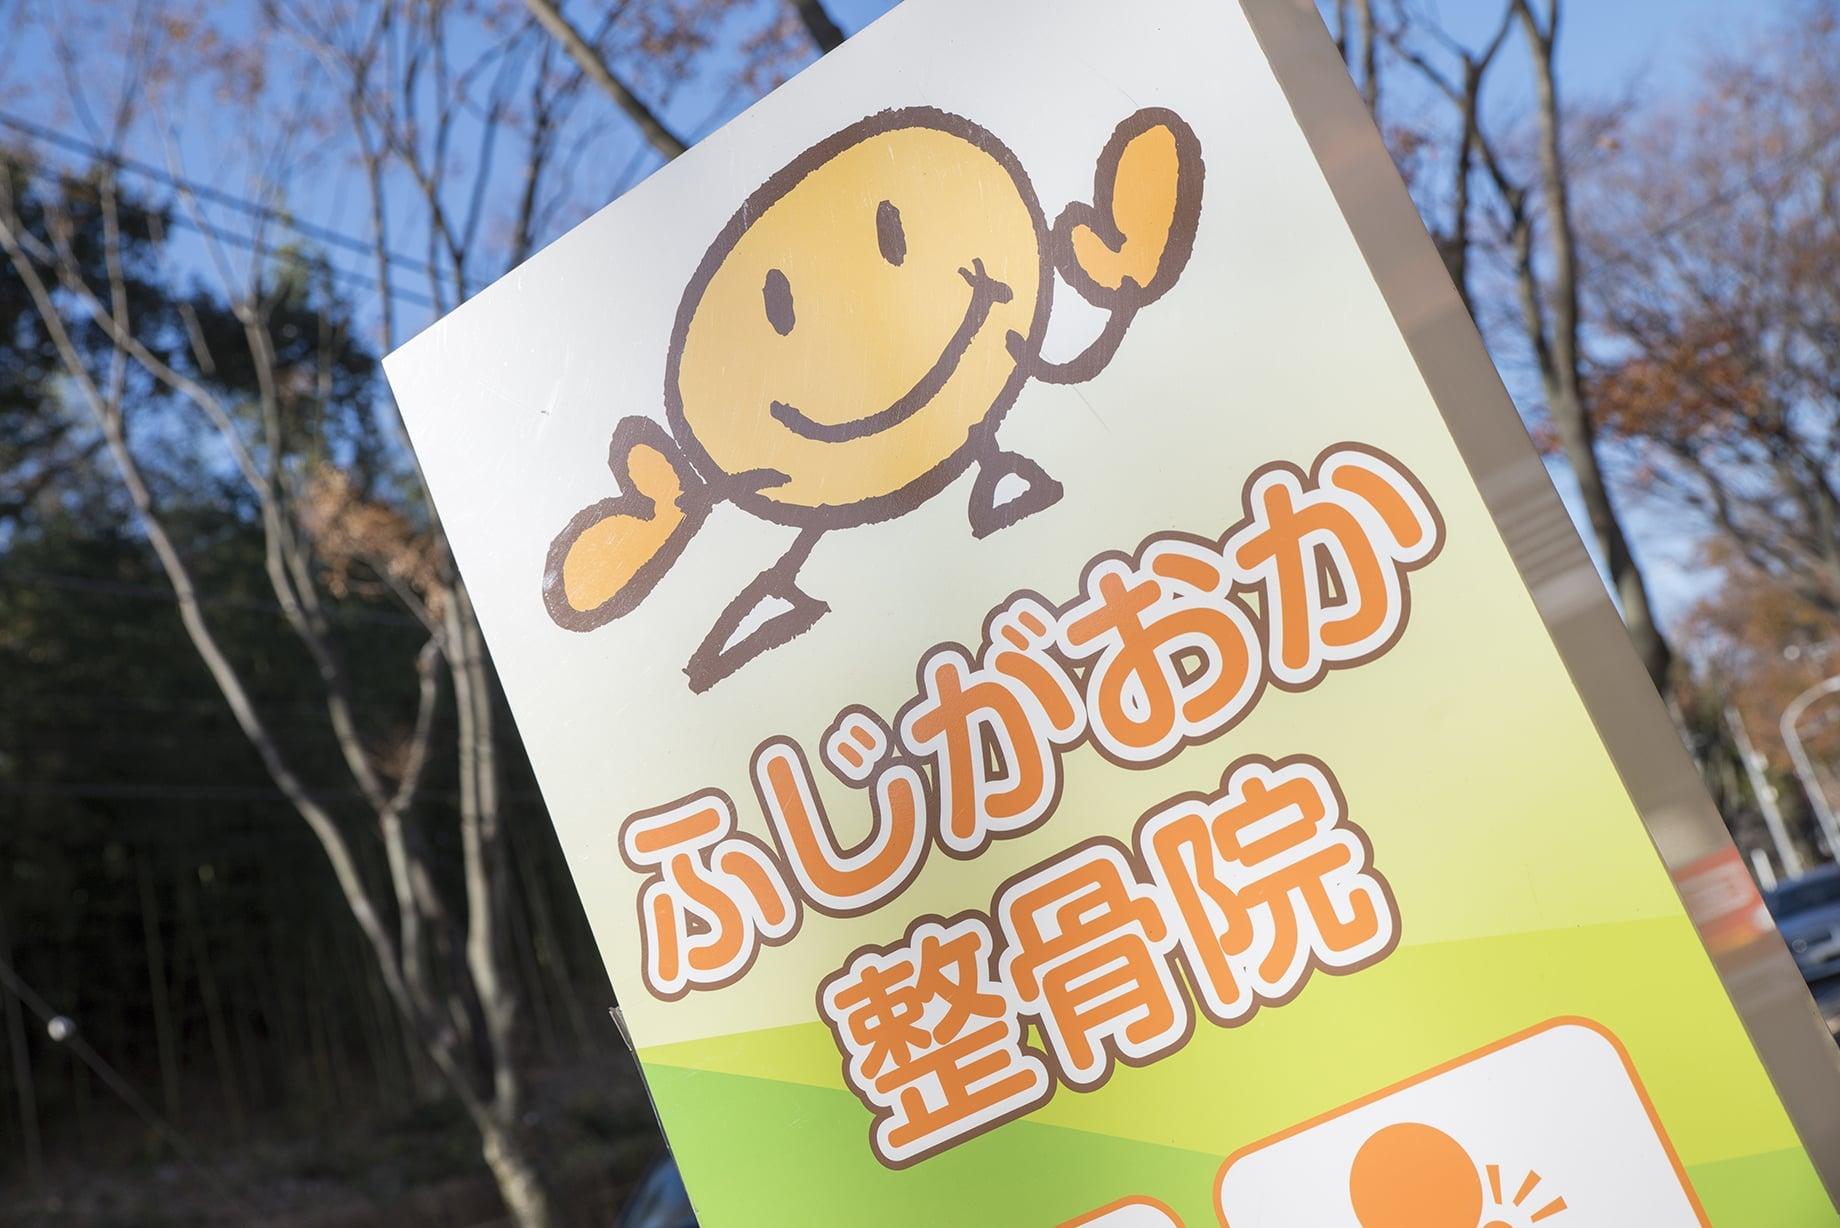 施術プリペイドカード3万円(1000円分おまけつき)のイメージその1